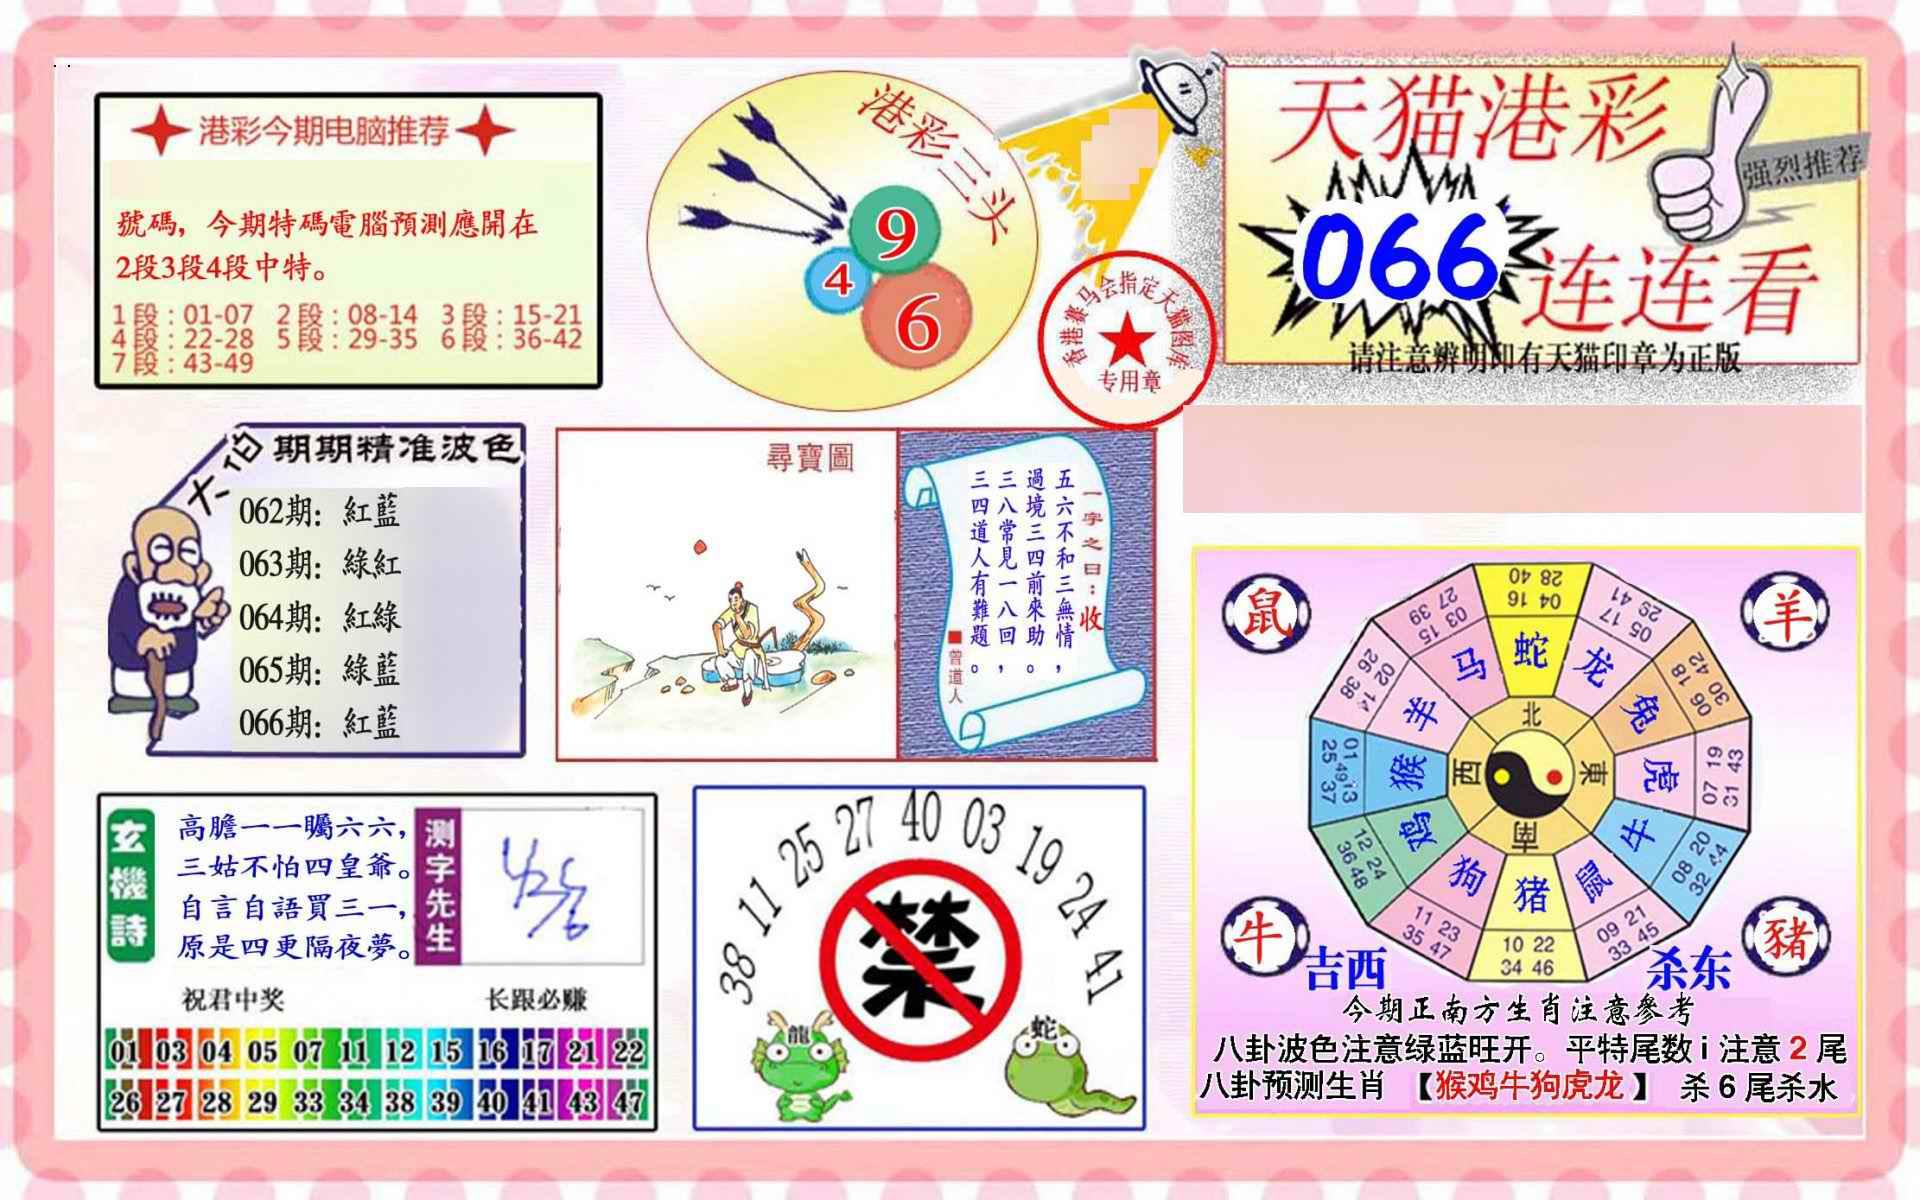 066期港彩连连中